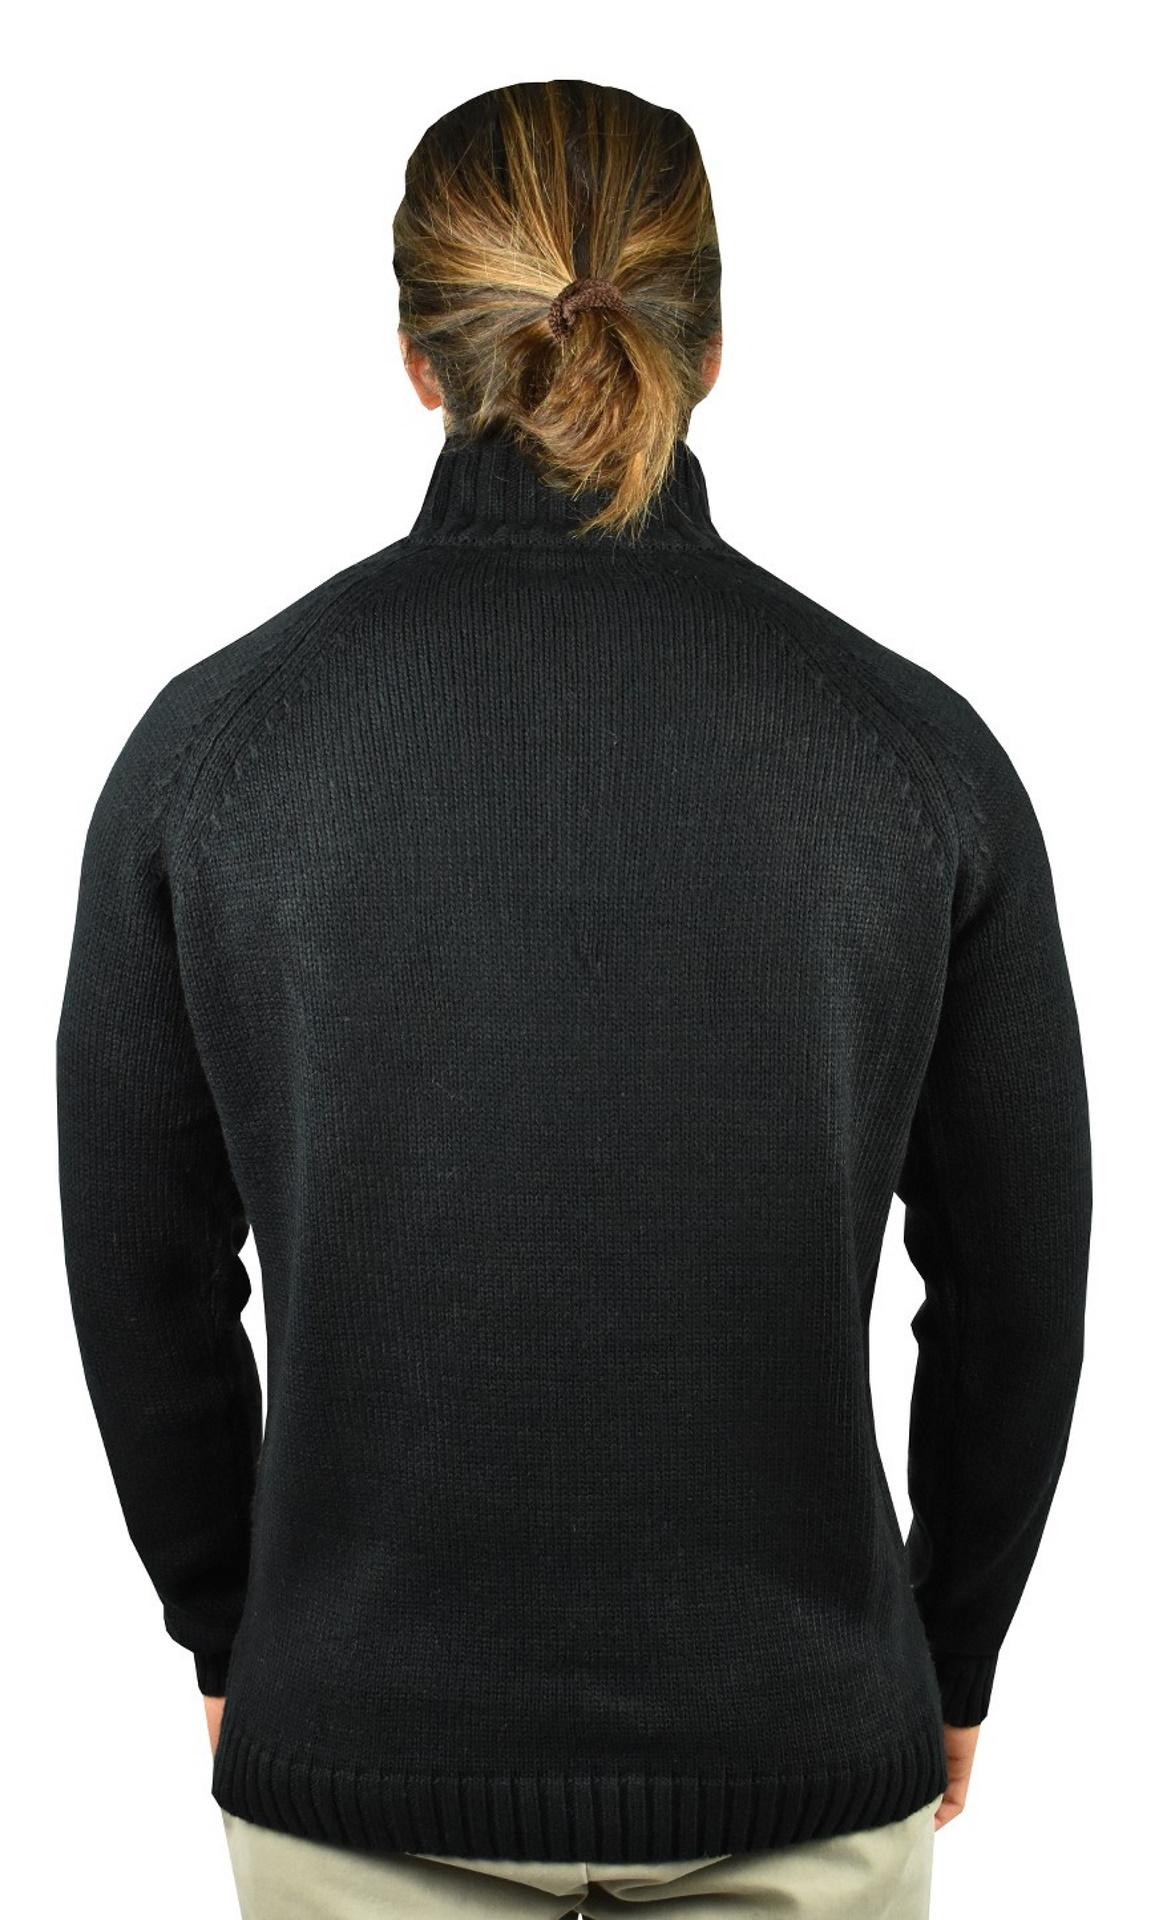 LUPINEMA NERO MAGLIA UOMO MEZZA ZIP MANICA LUNGA LAVORAZIONE TRECCE 1 1stAmerican maglione invernale da uomo mezza zip manica lunga lavorazione trecce